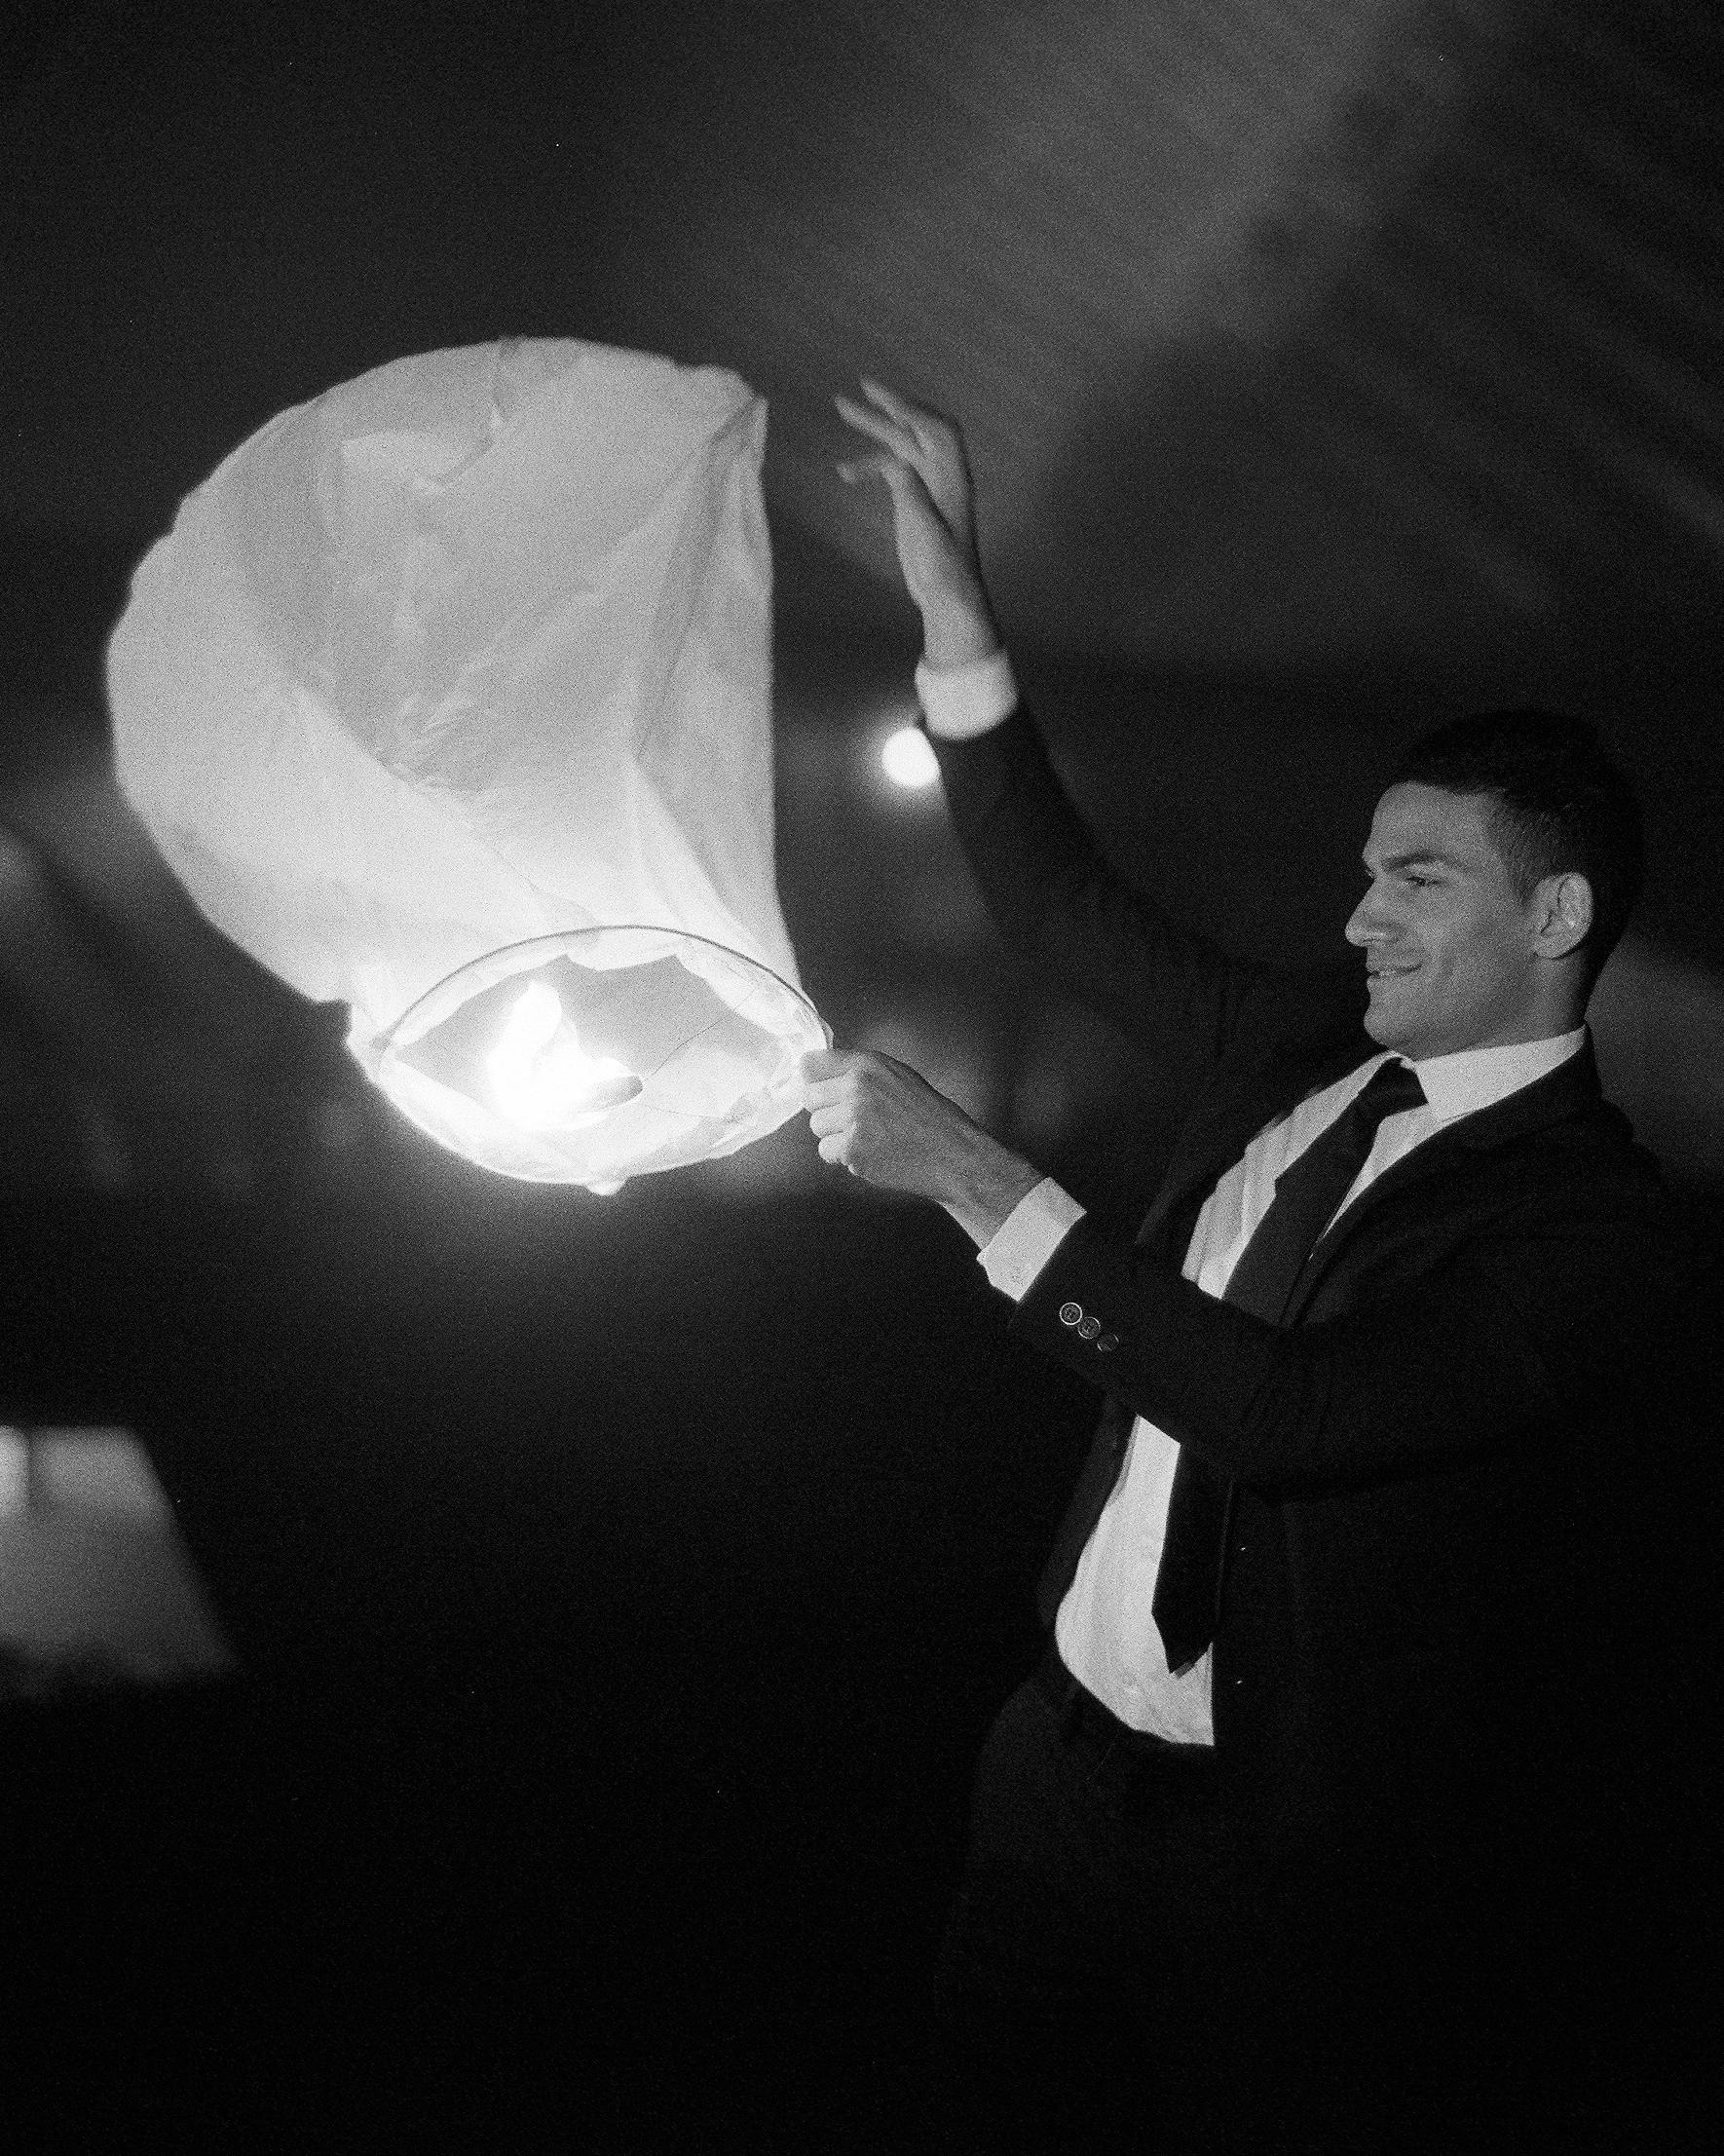 libby-allen-wedding-lanterns-108-s112487-0116.jpg